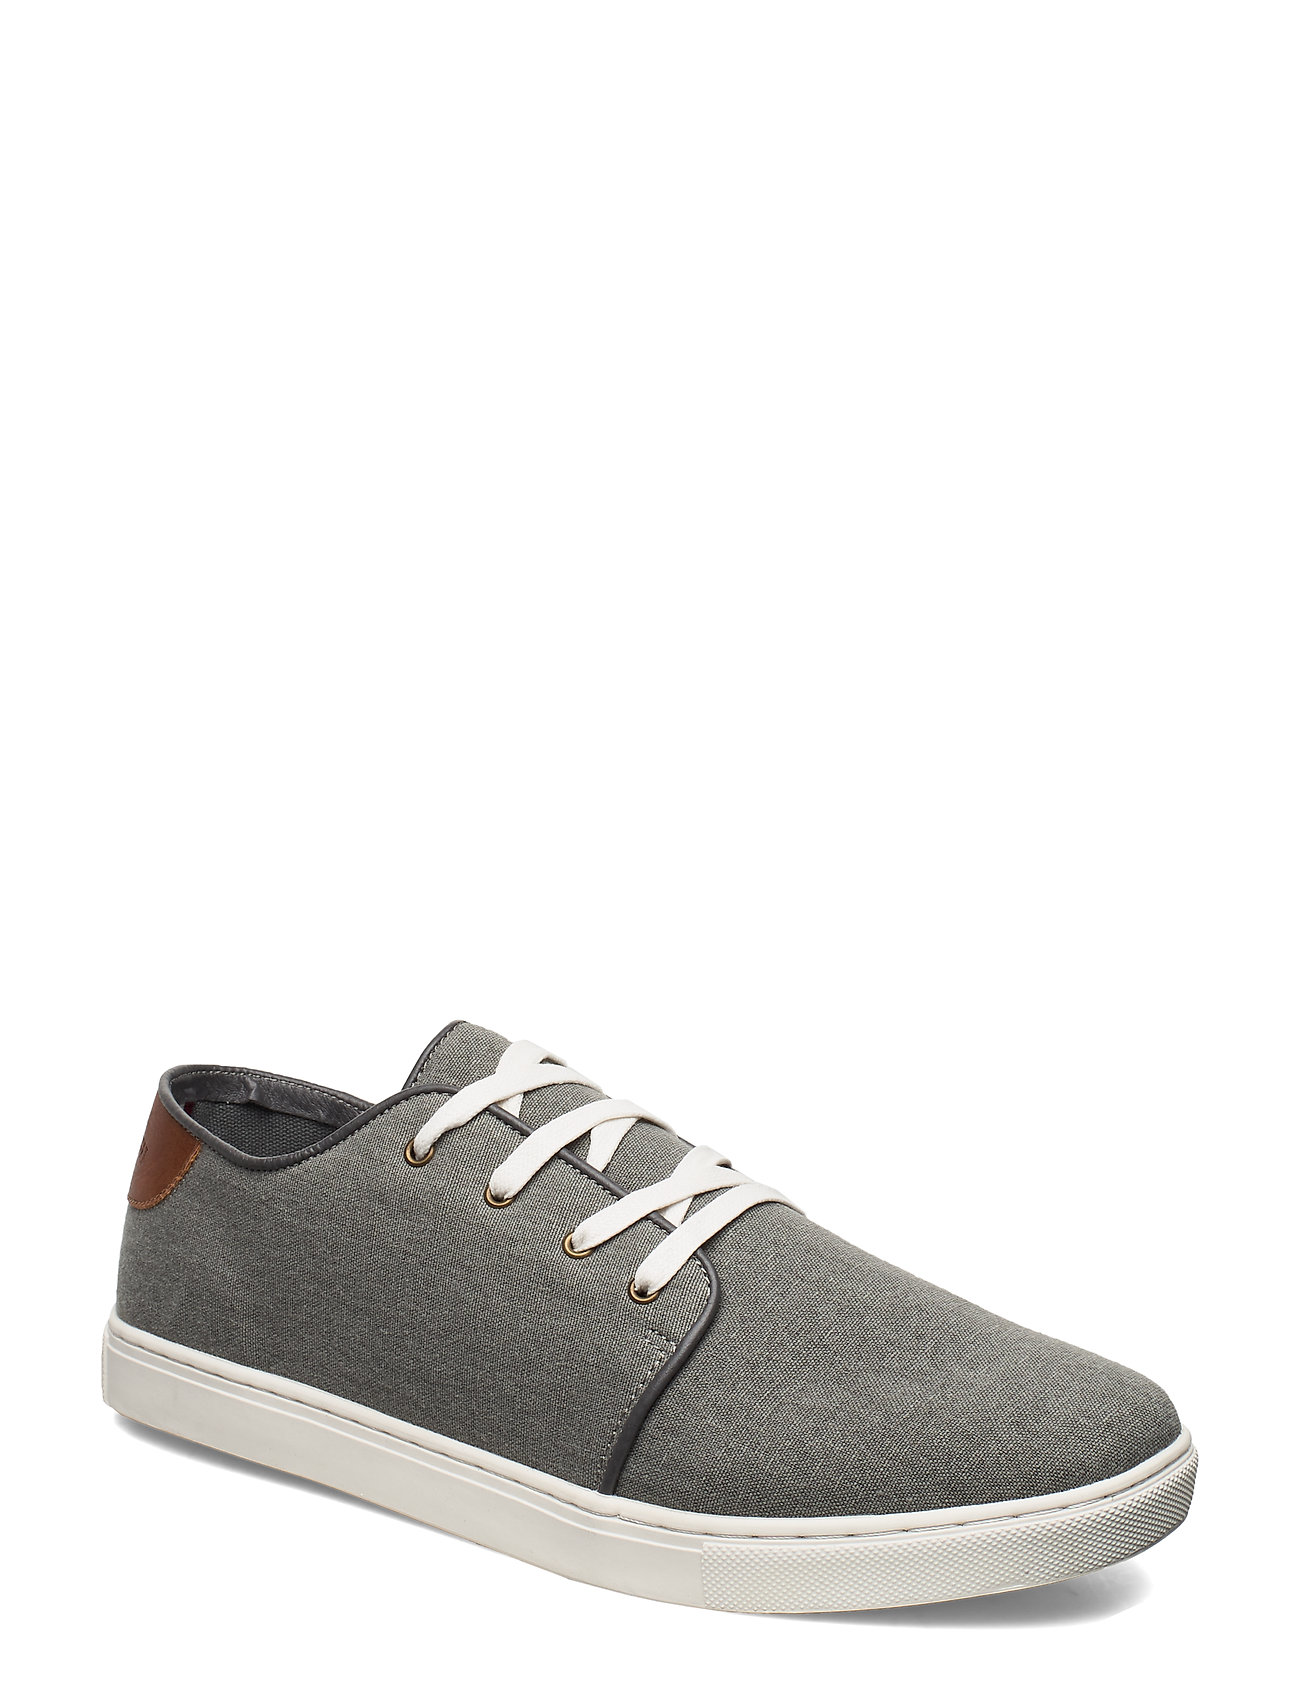 Image of Sneaker Shoe Low-top Sneakers Grå Lindbergh (3359210985)